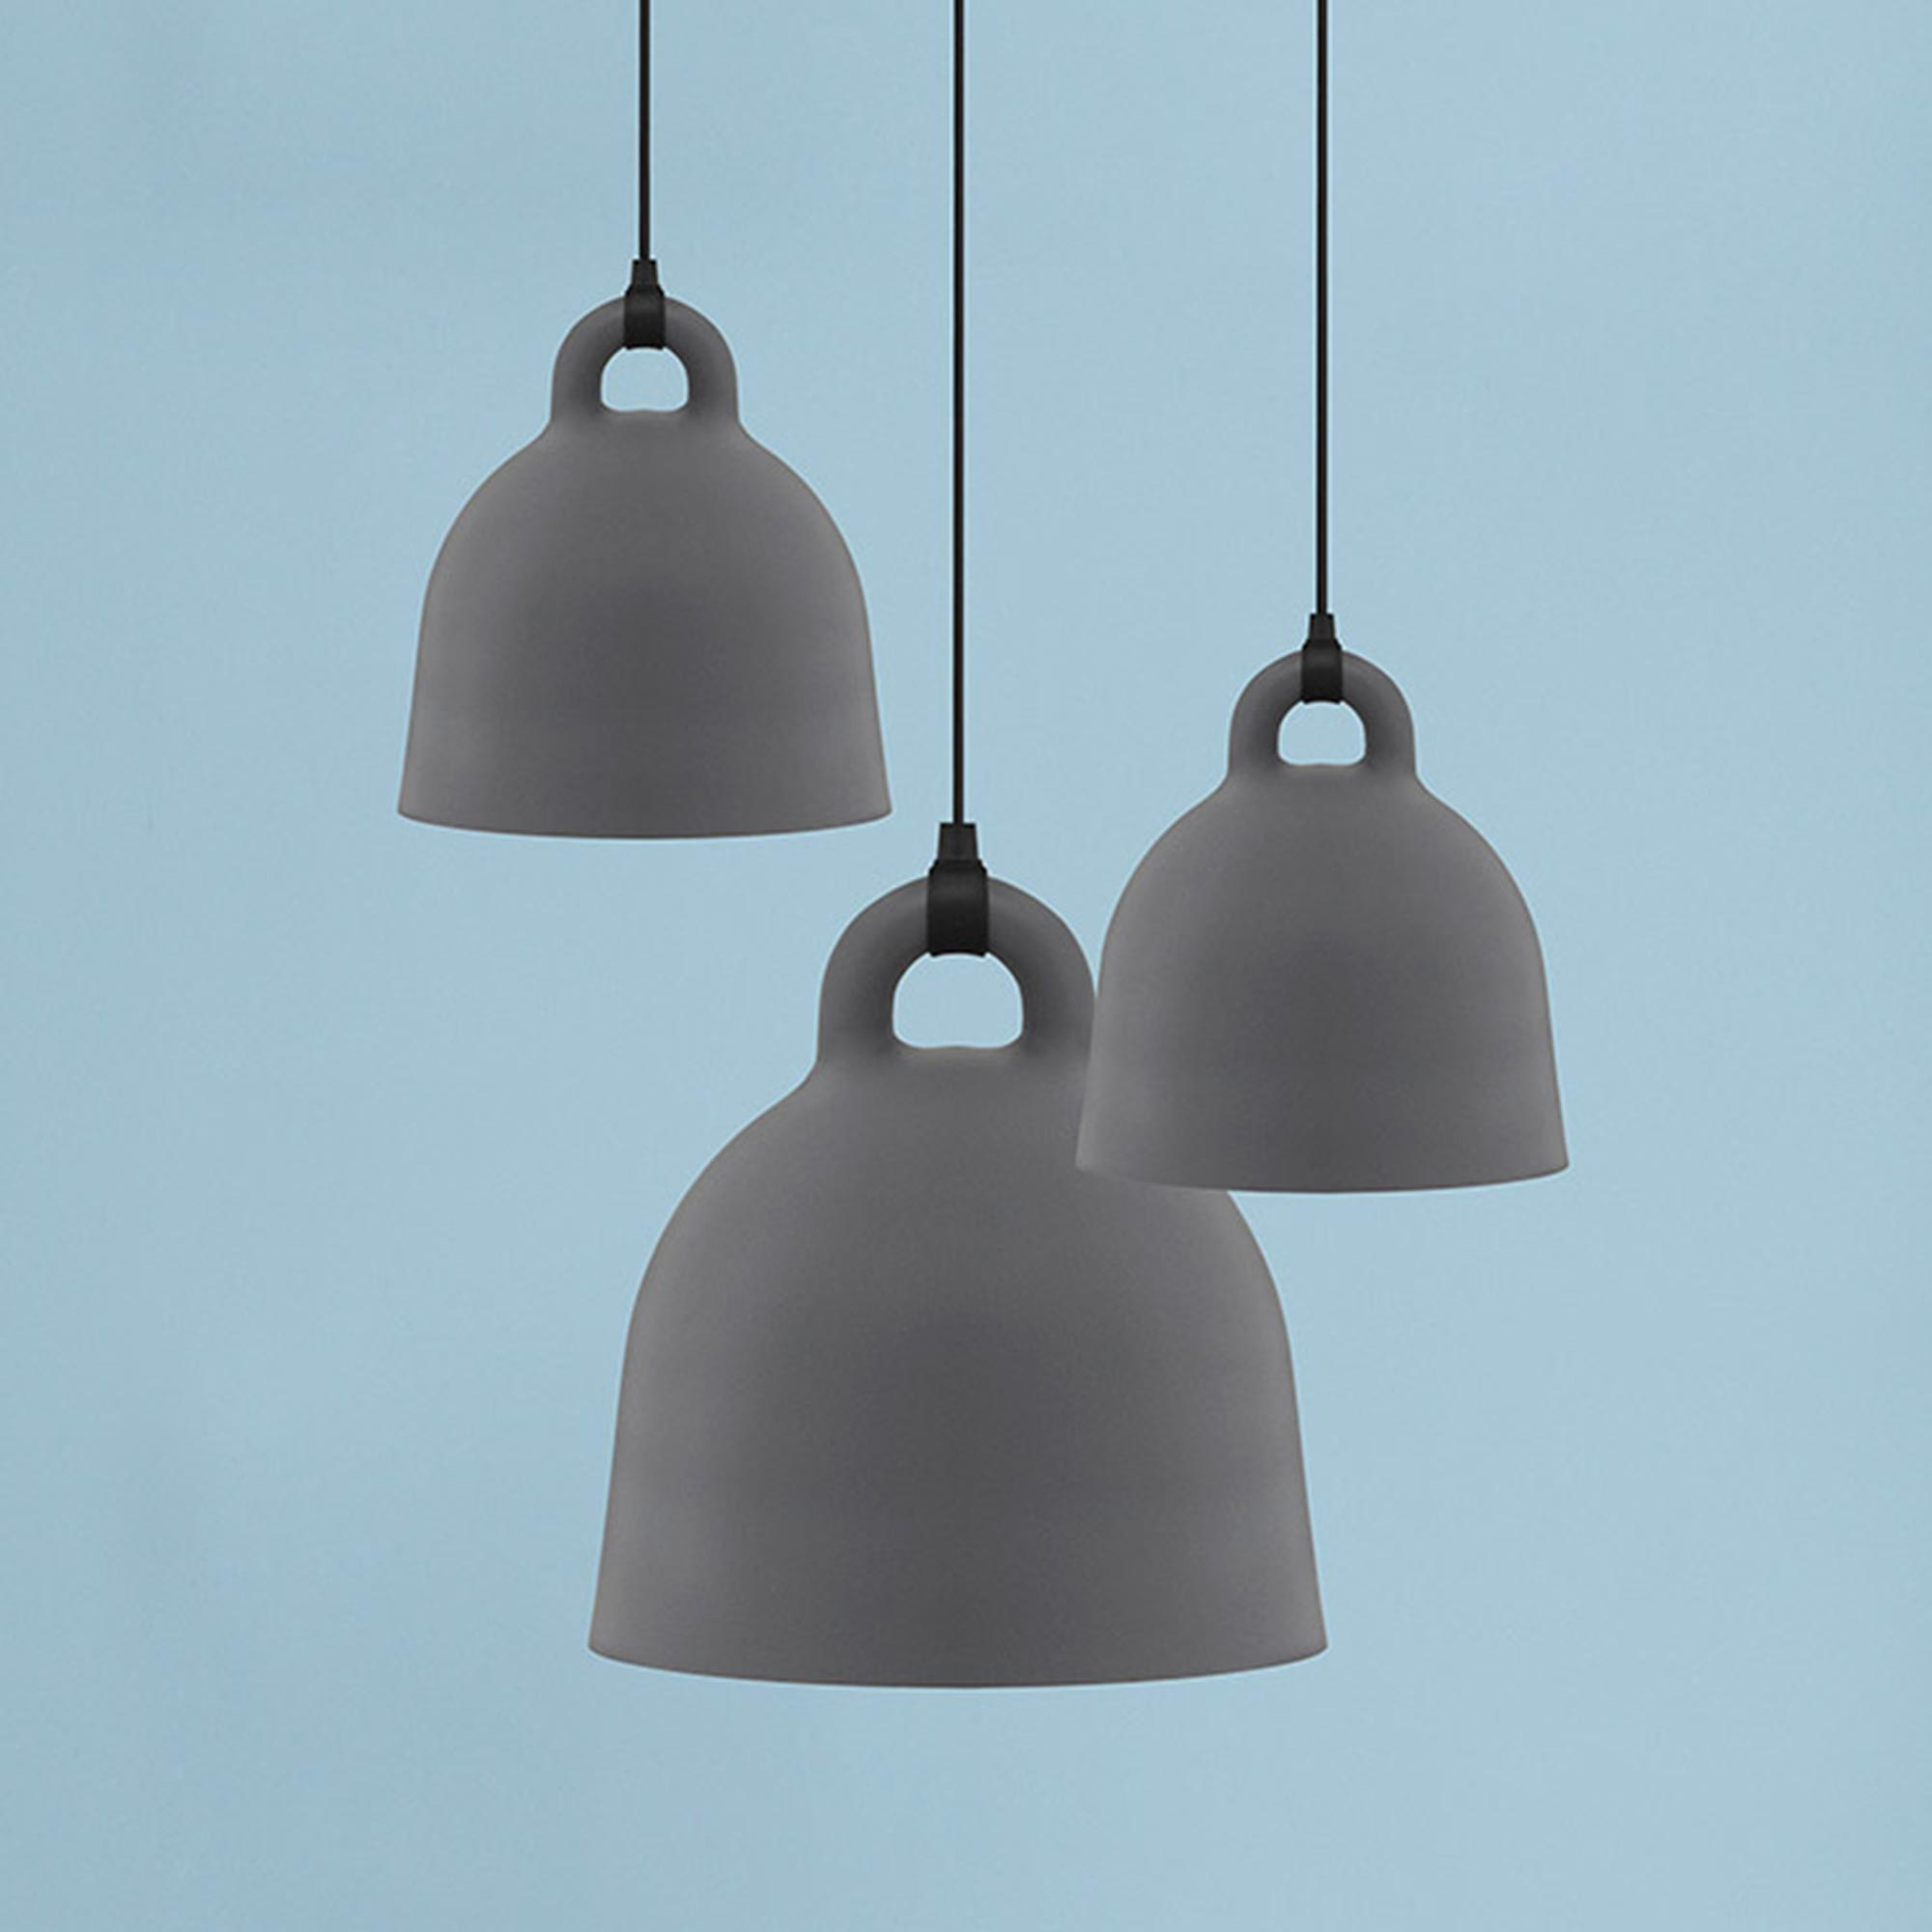 Strålende Normann Copenhagen Bell Lampe L - Möbel Bär AG LD-63